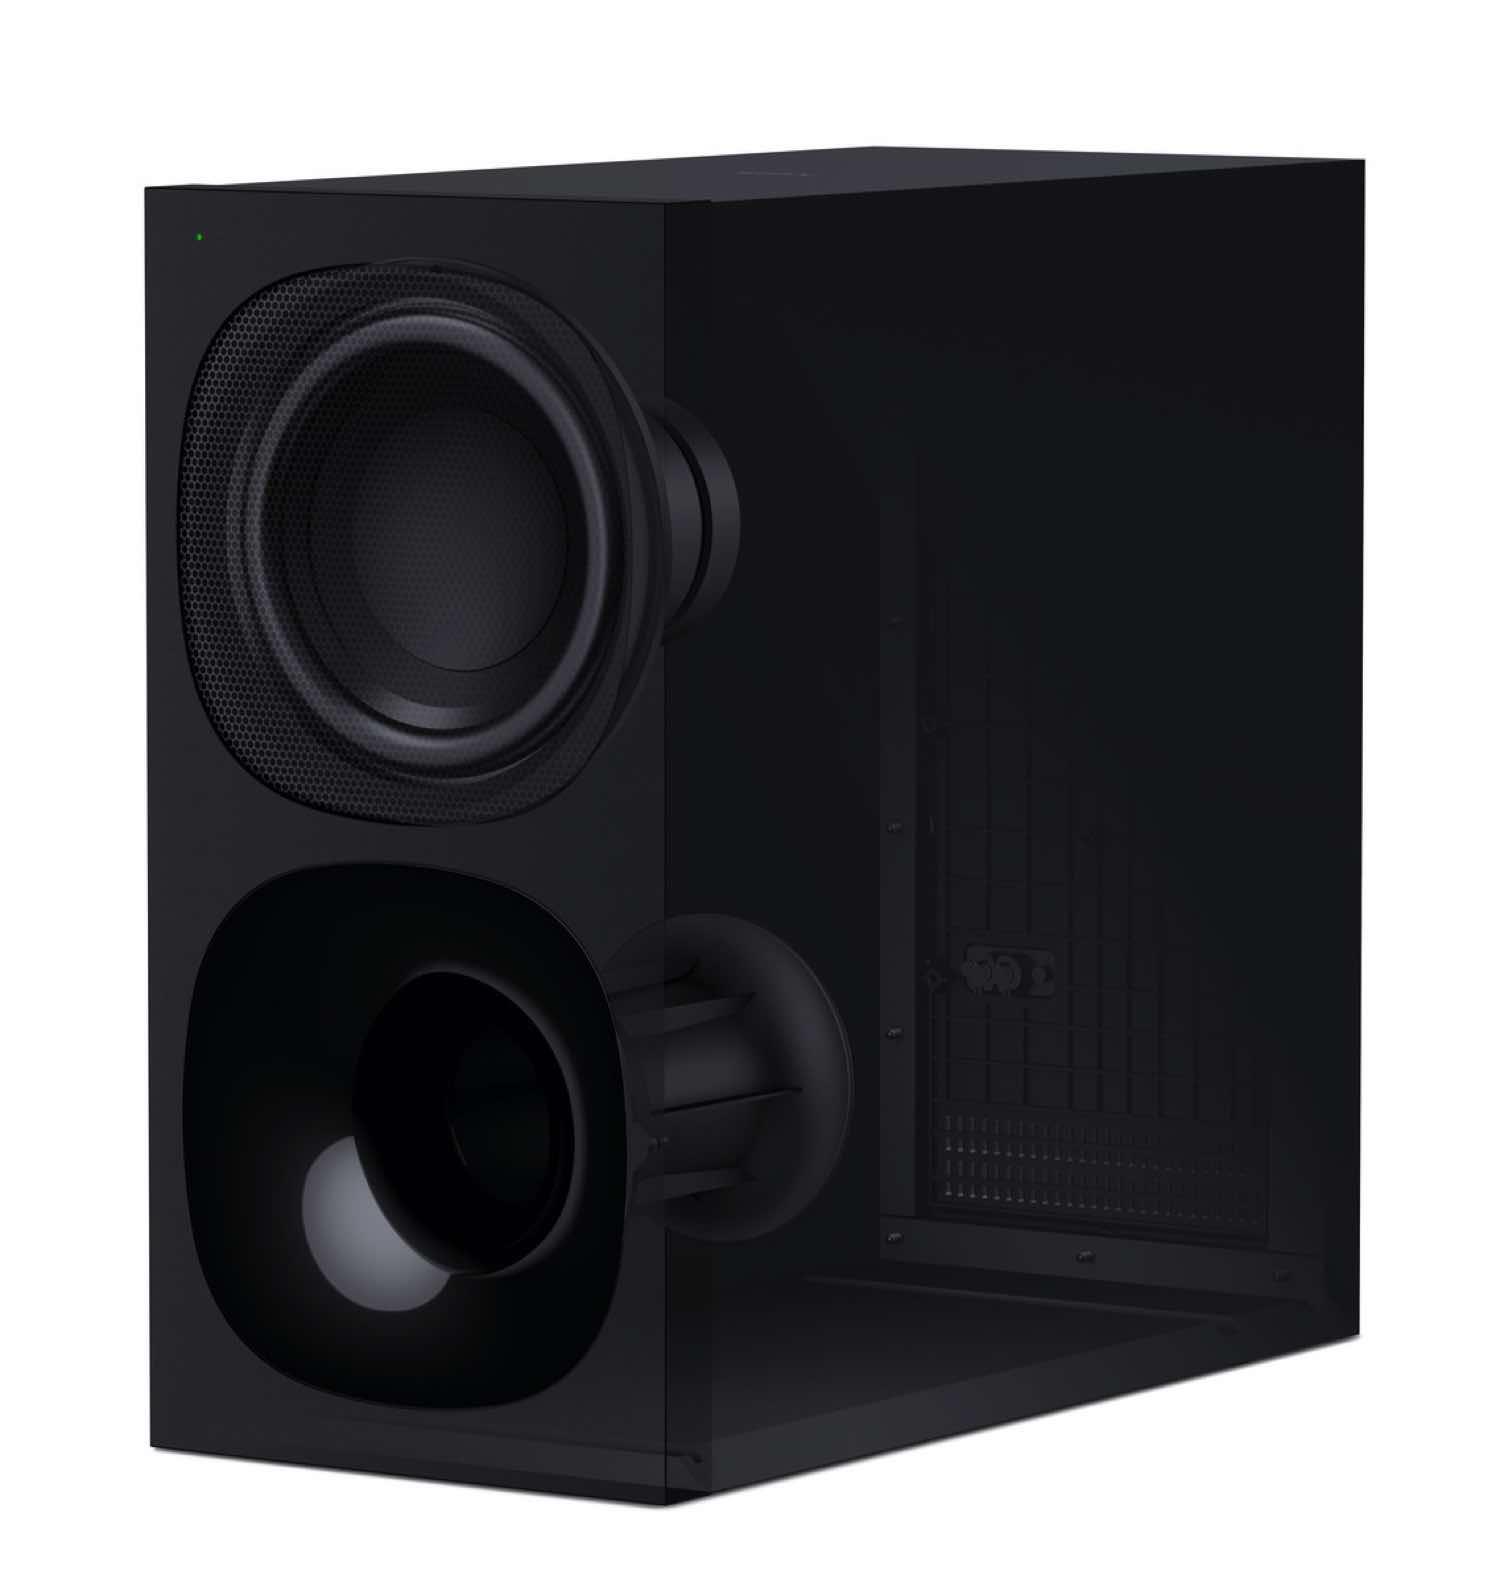 3.1 聲道揚聲器支援 Dolby Atmos Sony HT-G700 Sound Bar 慳位作